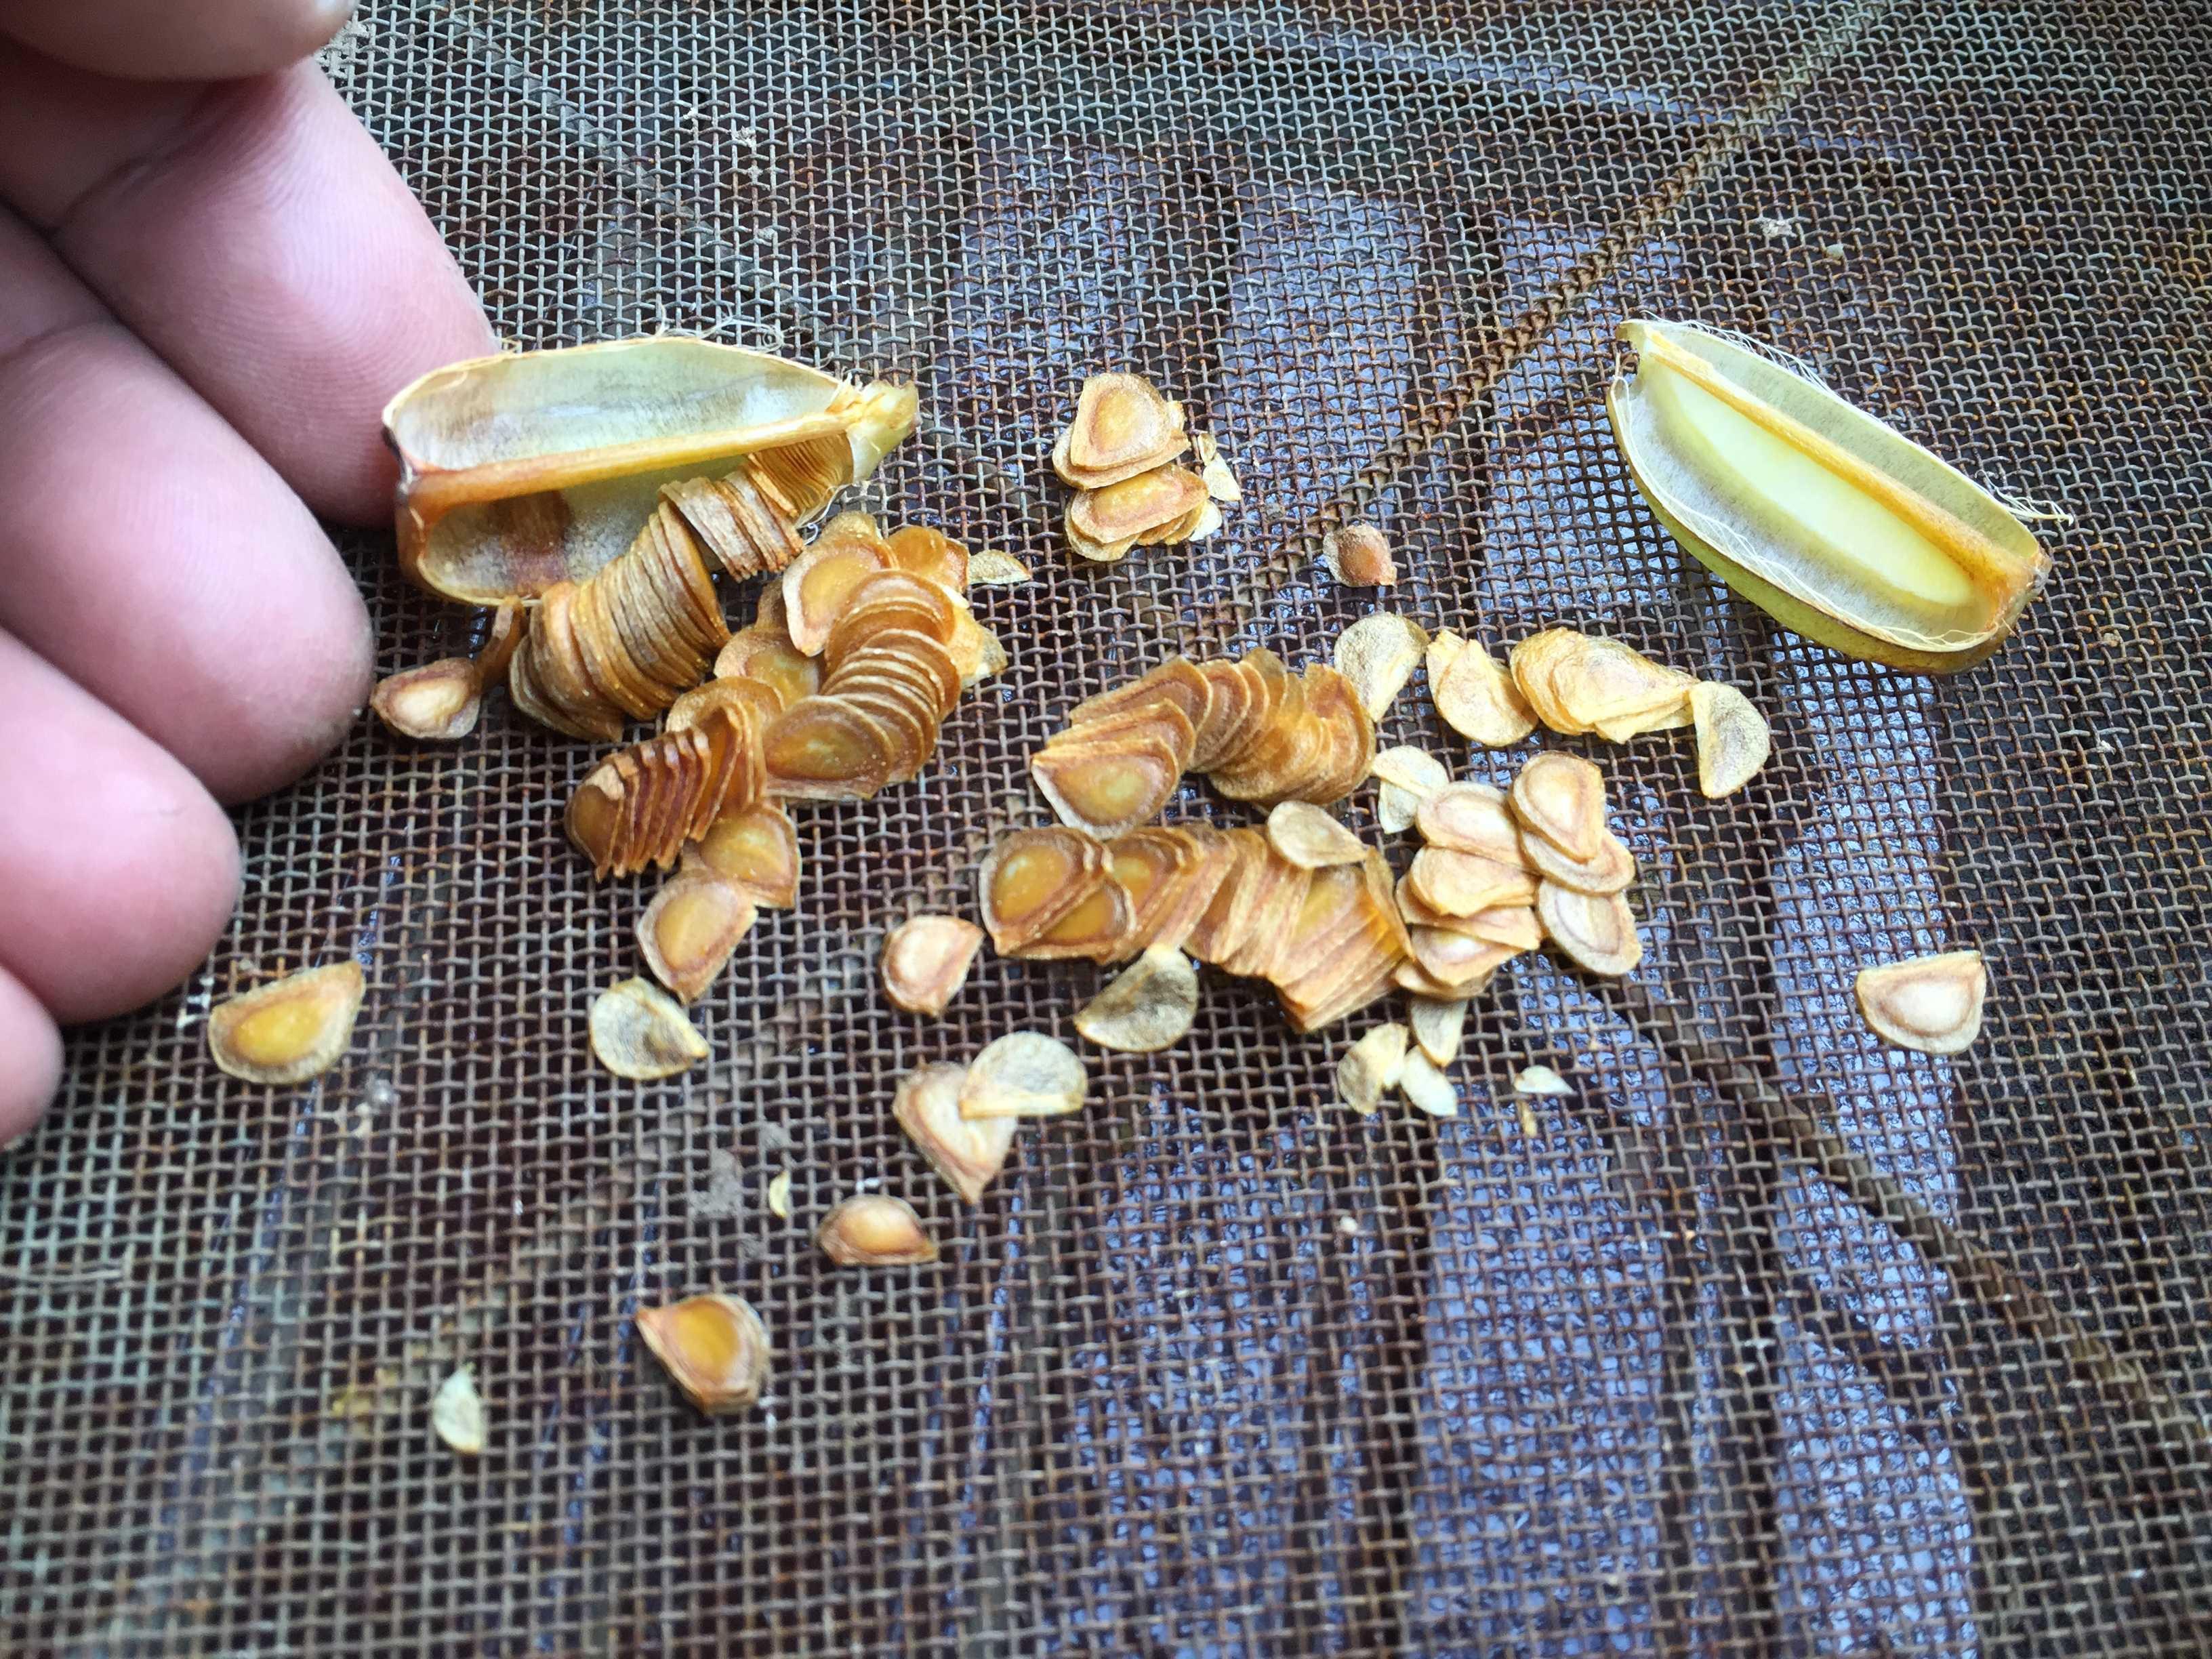 ヤマユリの種子繁殖/実生 - ふるい(篩)